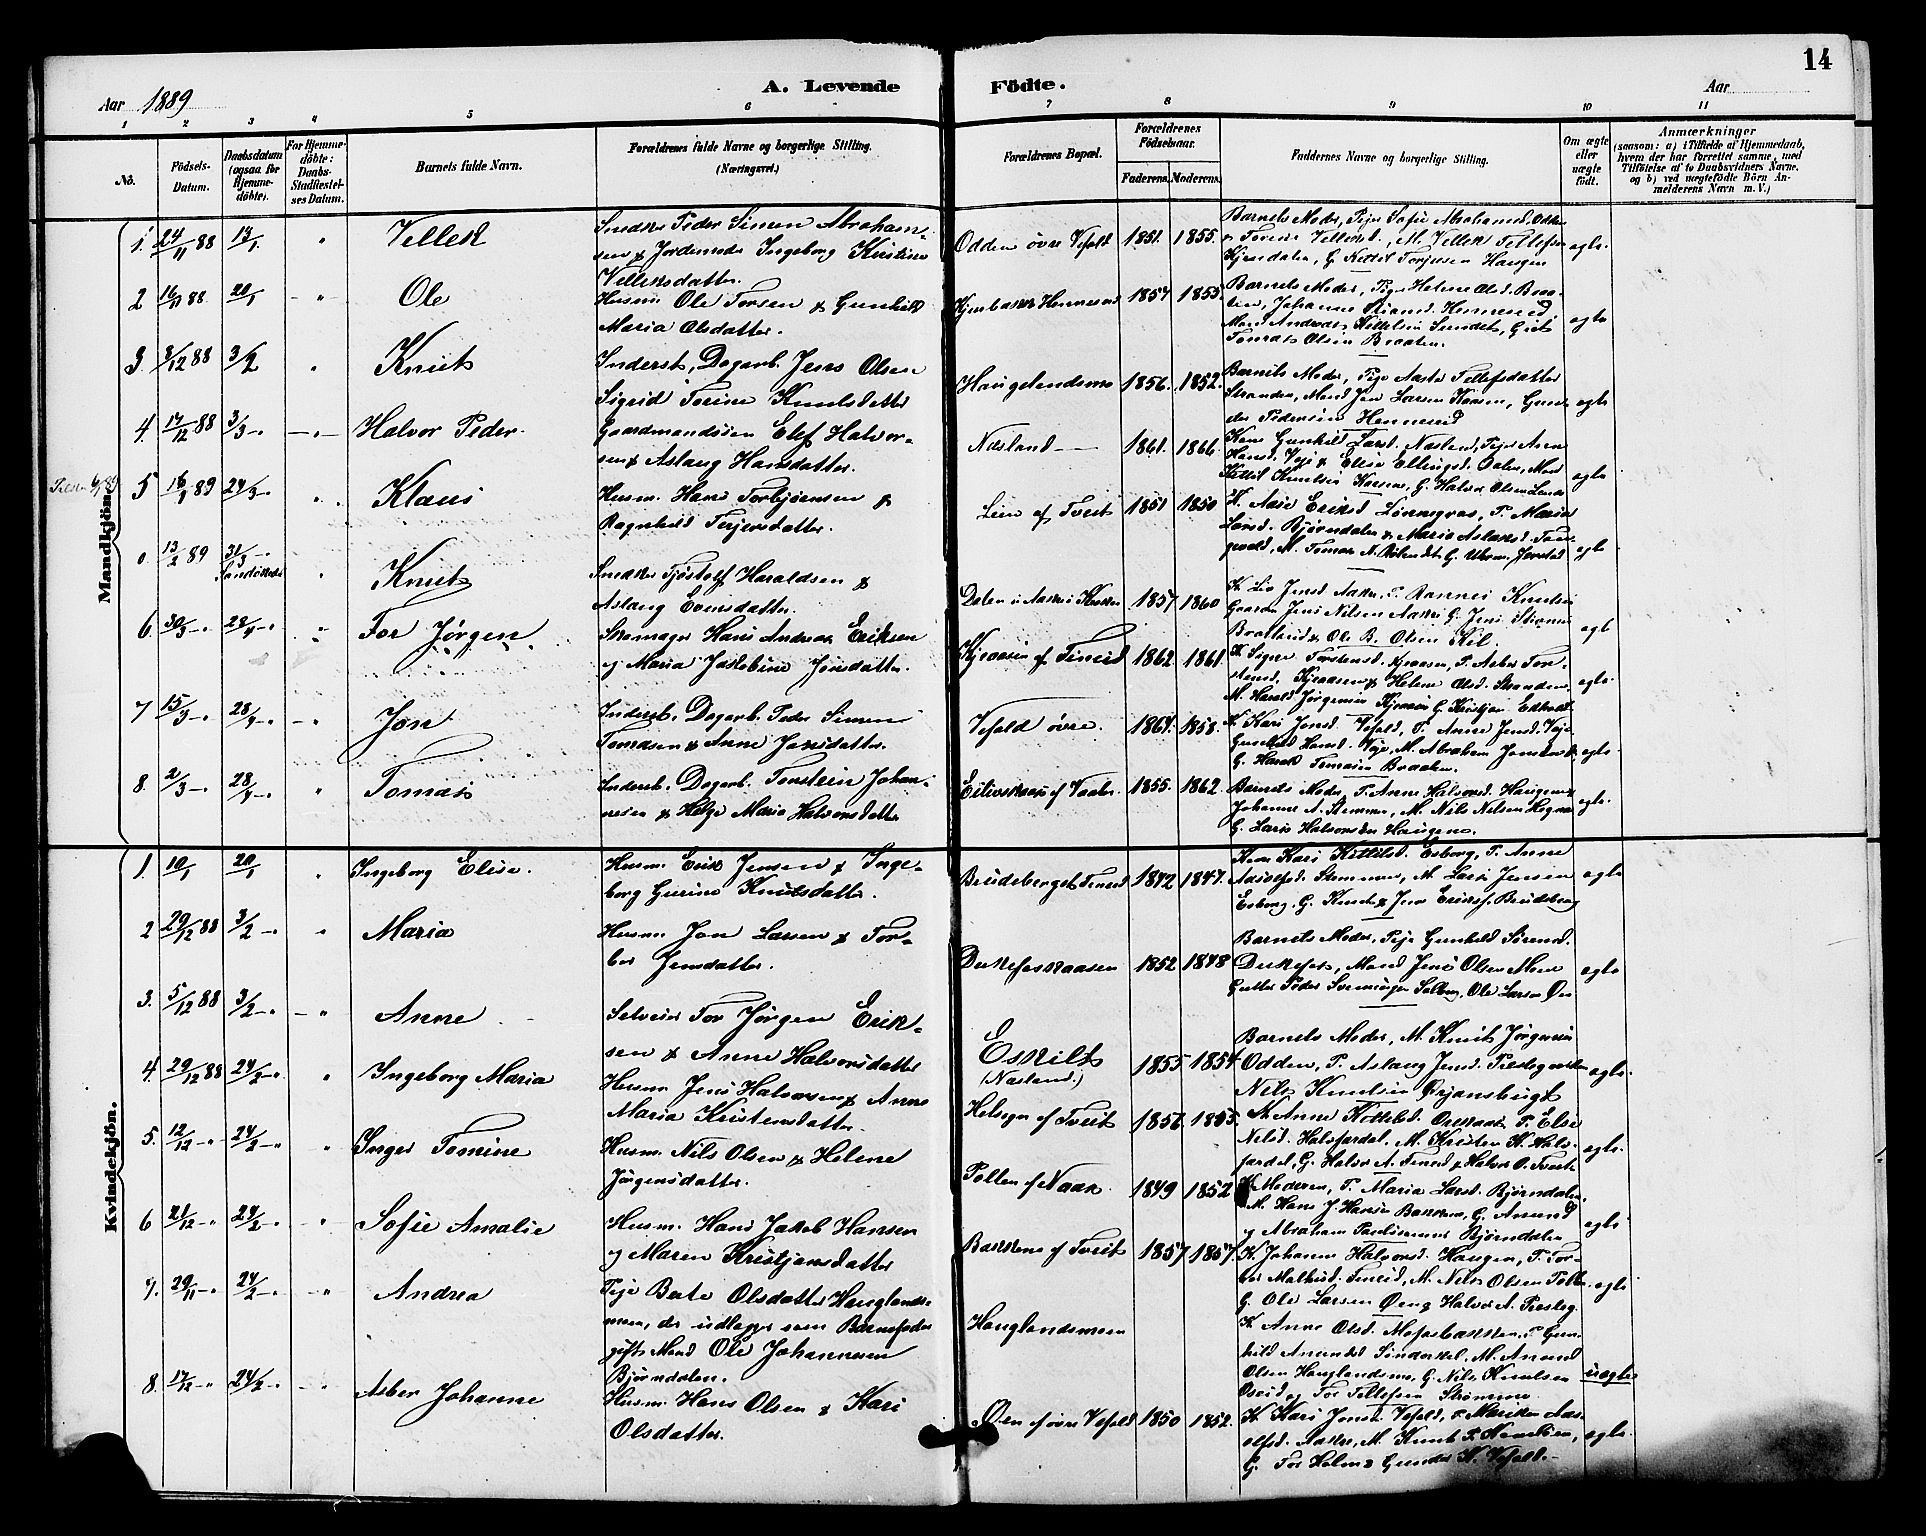 SAKO, Drangedal kirkebøker, G/Ga/L0003: Klokkerbok nr. I 3, 1887-1906, s. 14